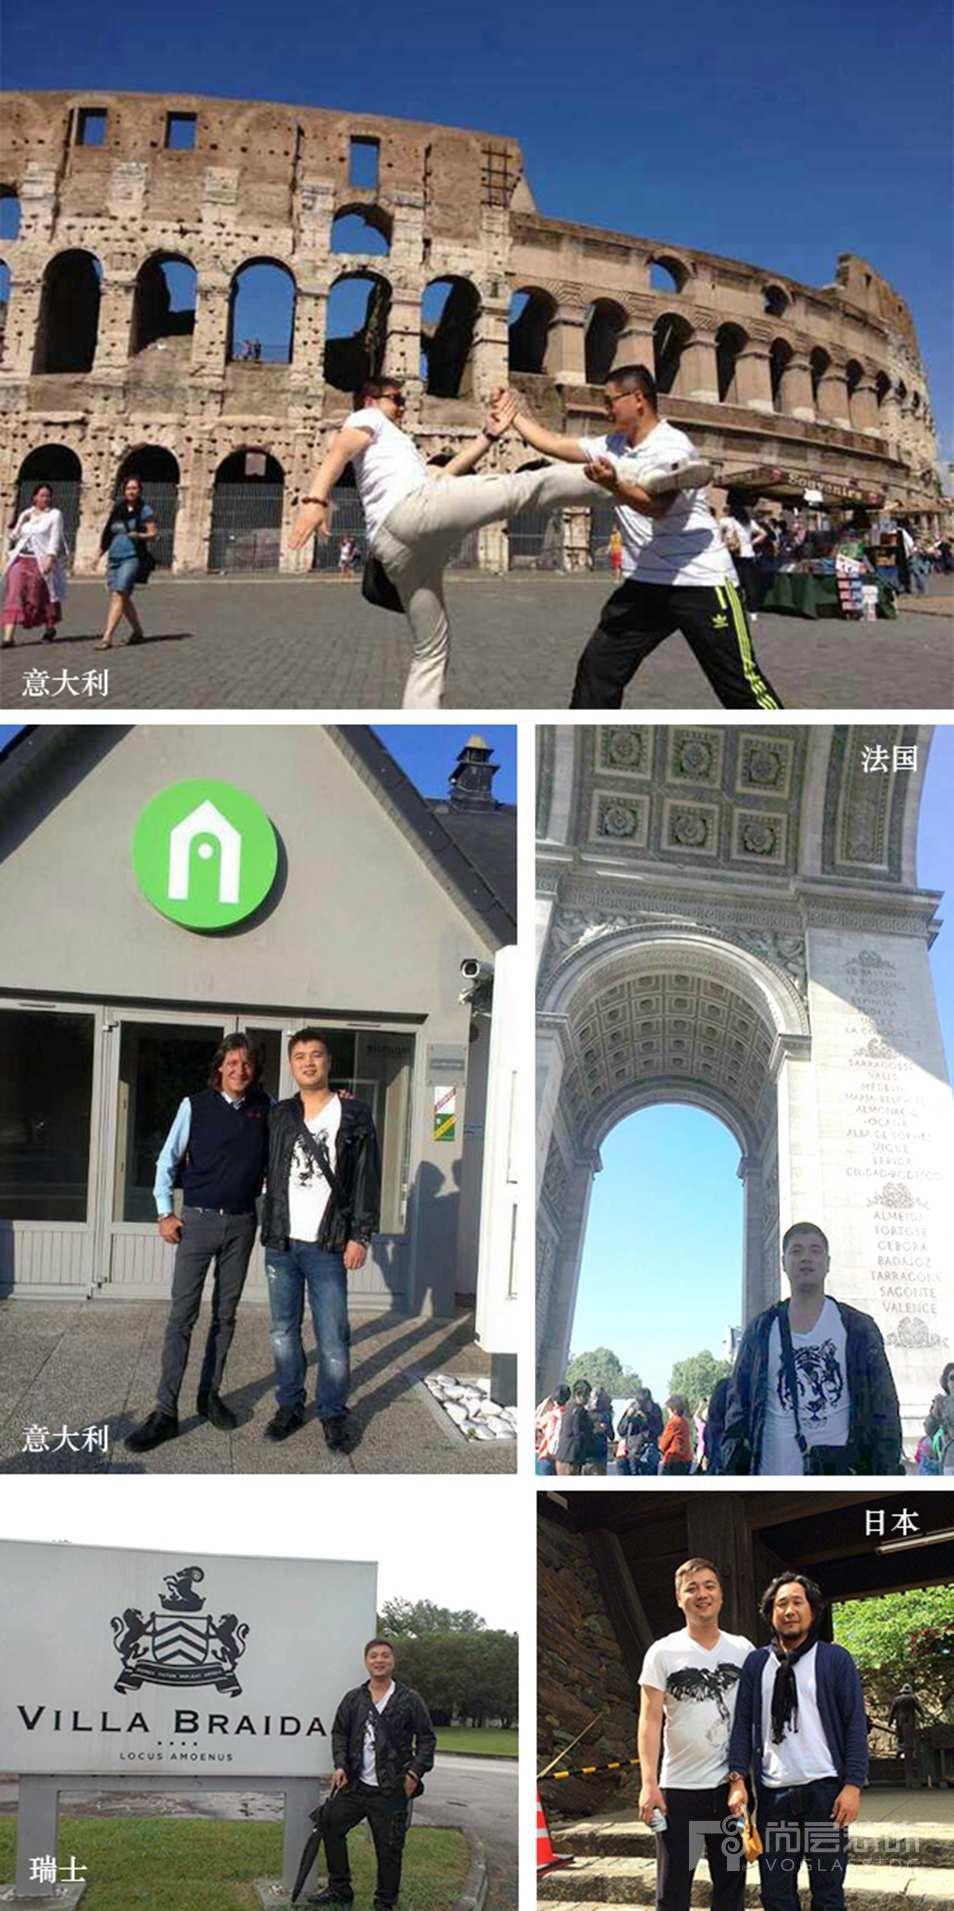 尚层设计师张桃生在国外旅游